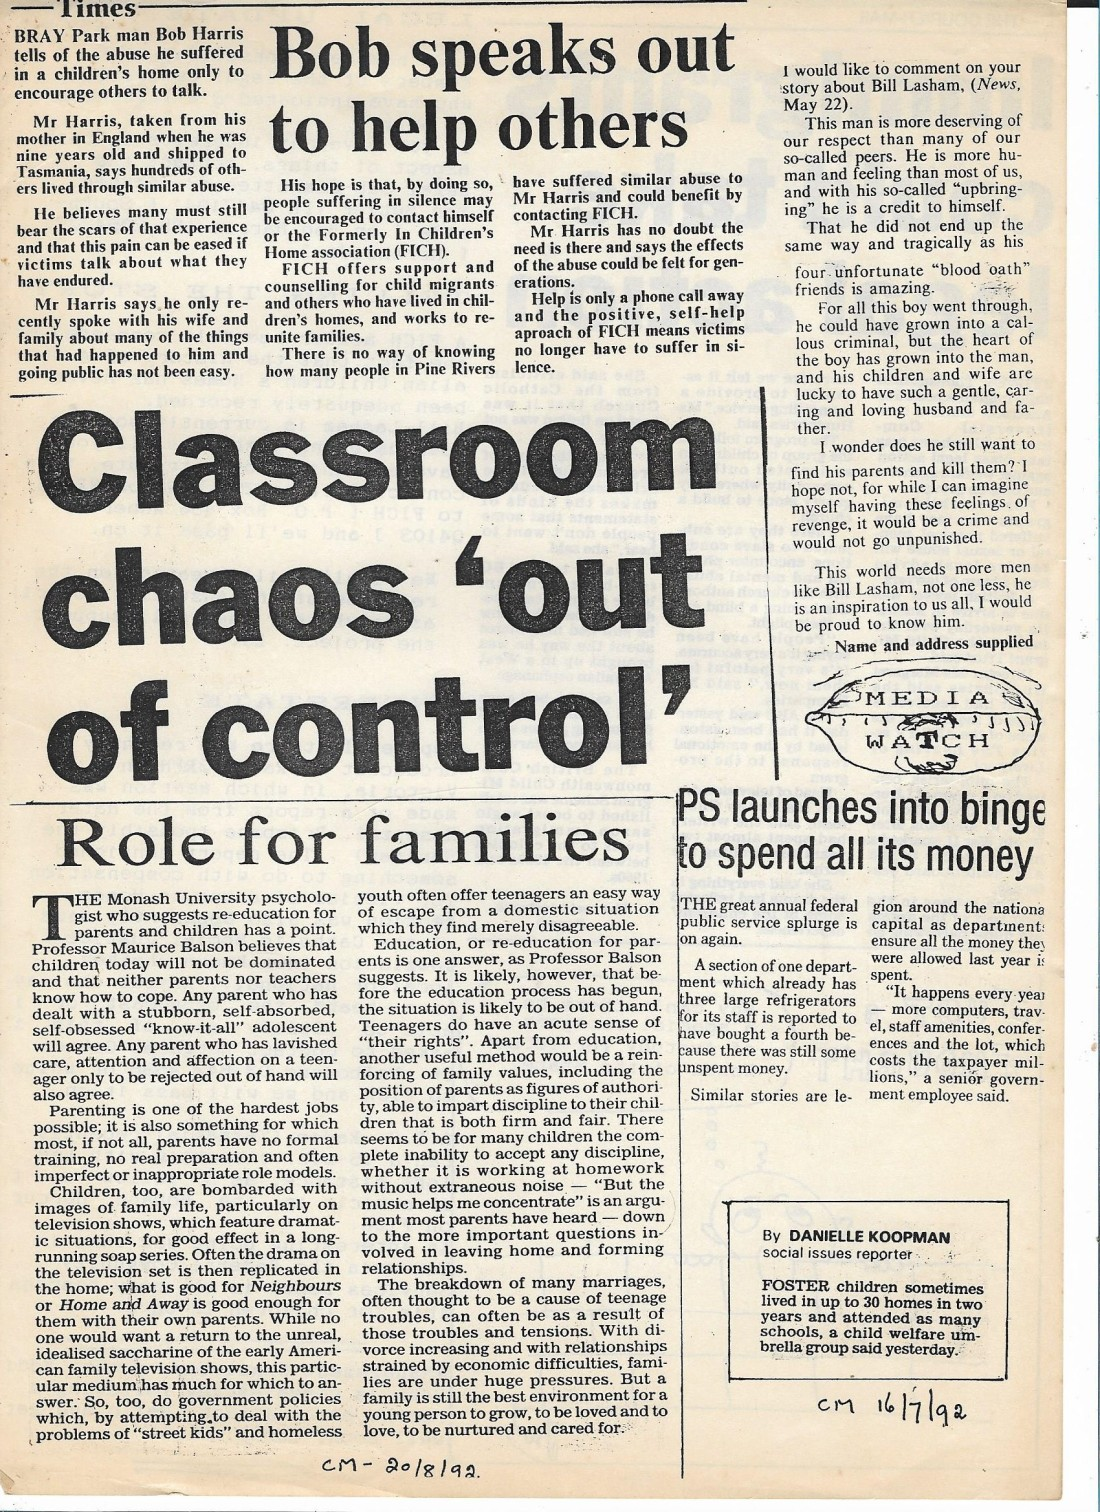 Media Articles_1992.jpg